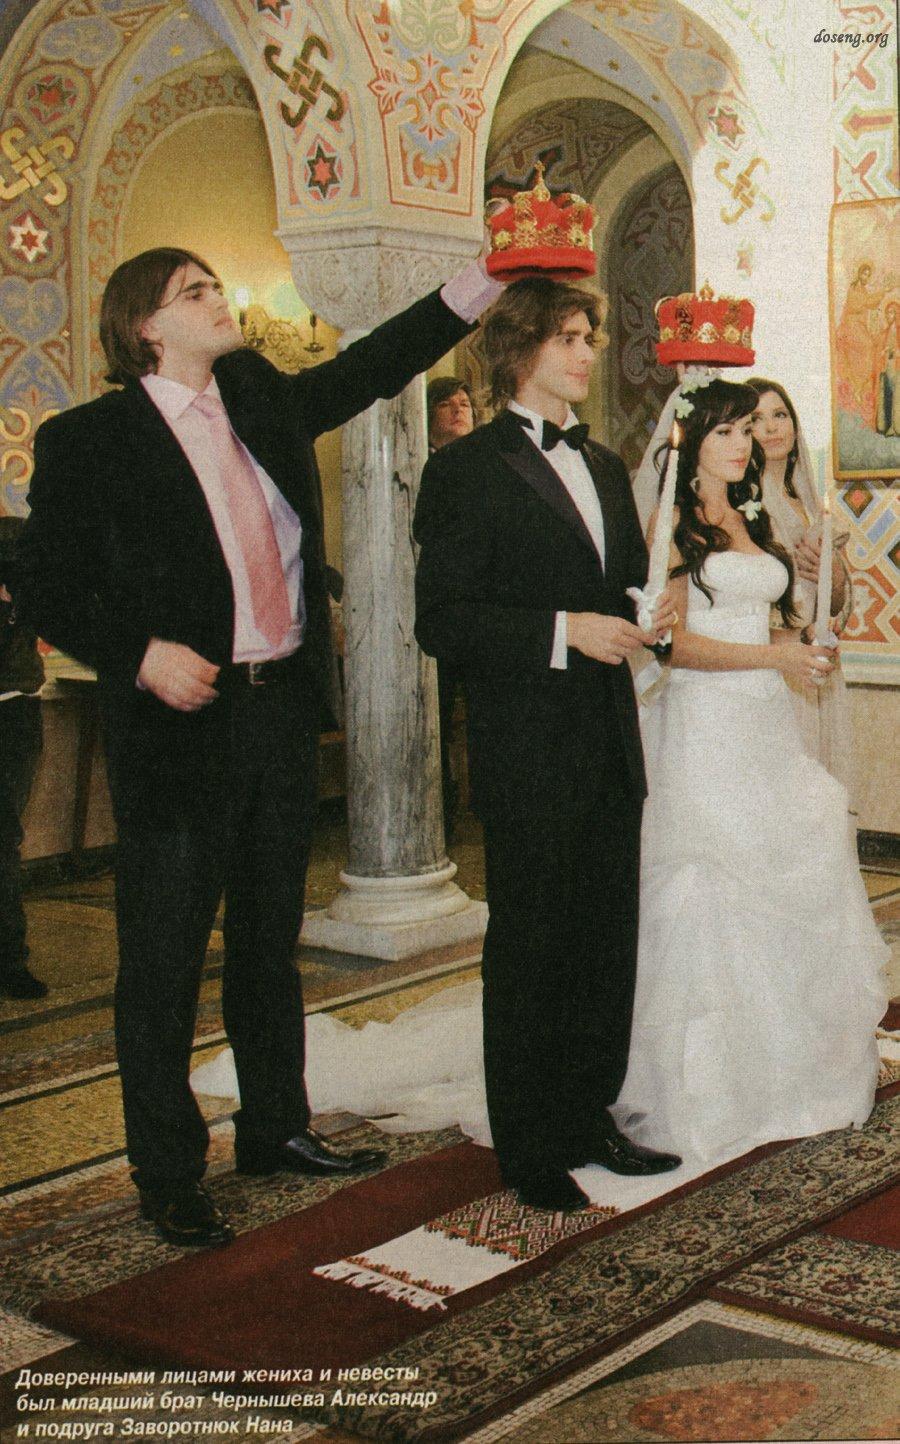 Мария добржинская фото со свадьбы